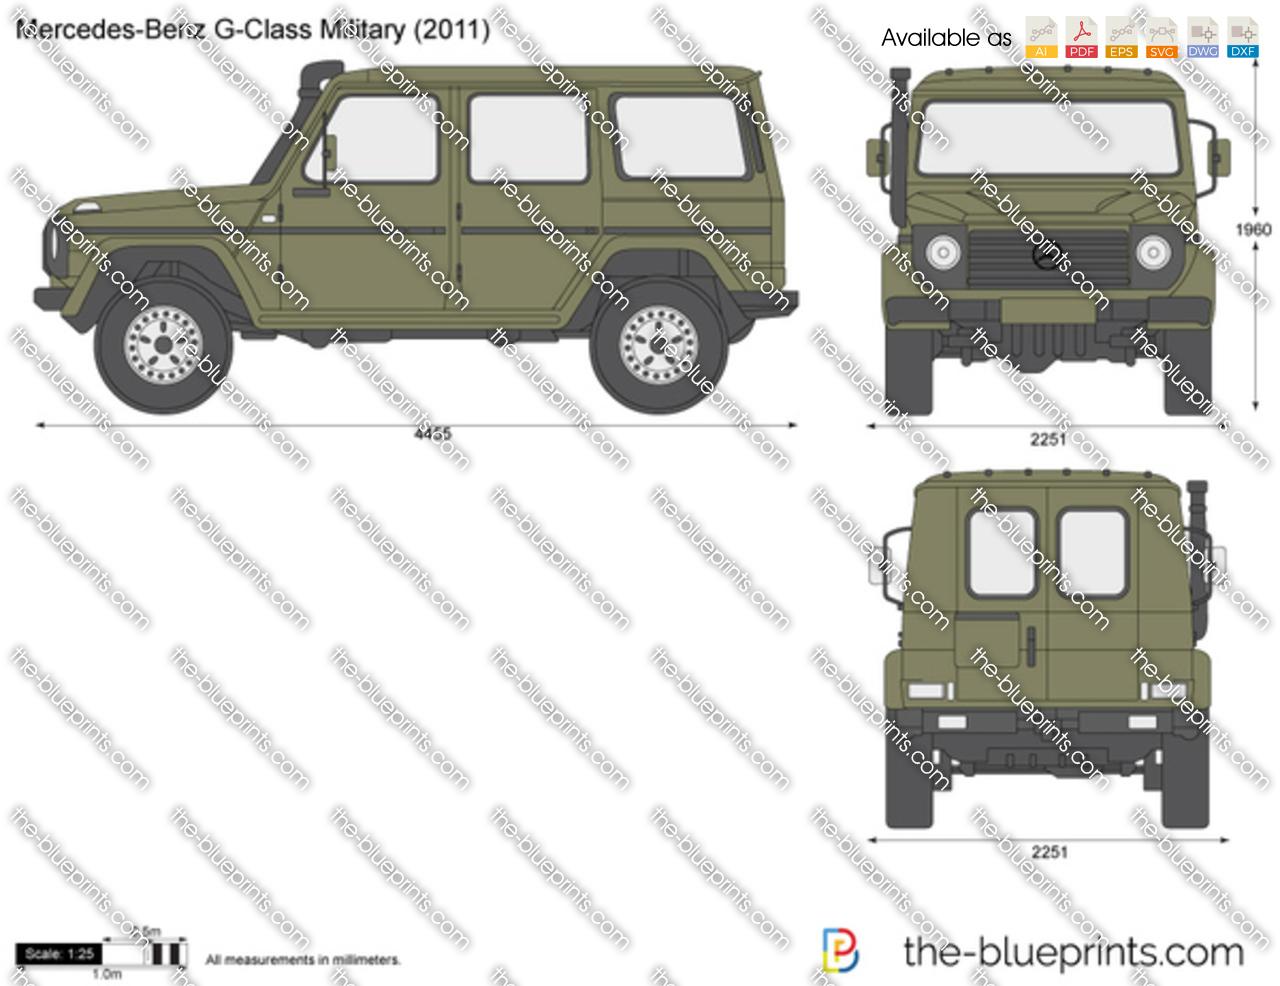 Mercedes-Benz G-Class Military 461 2012